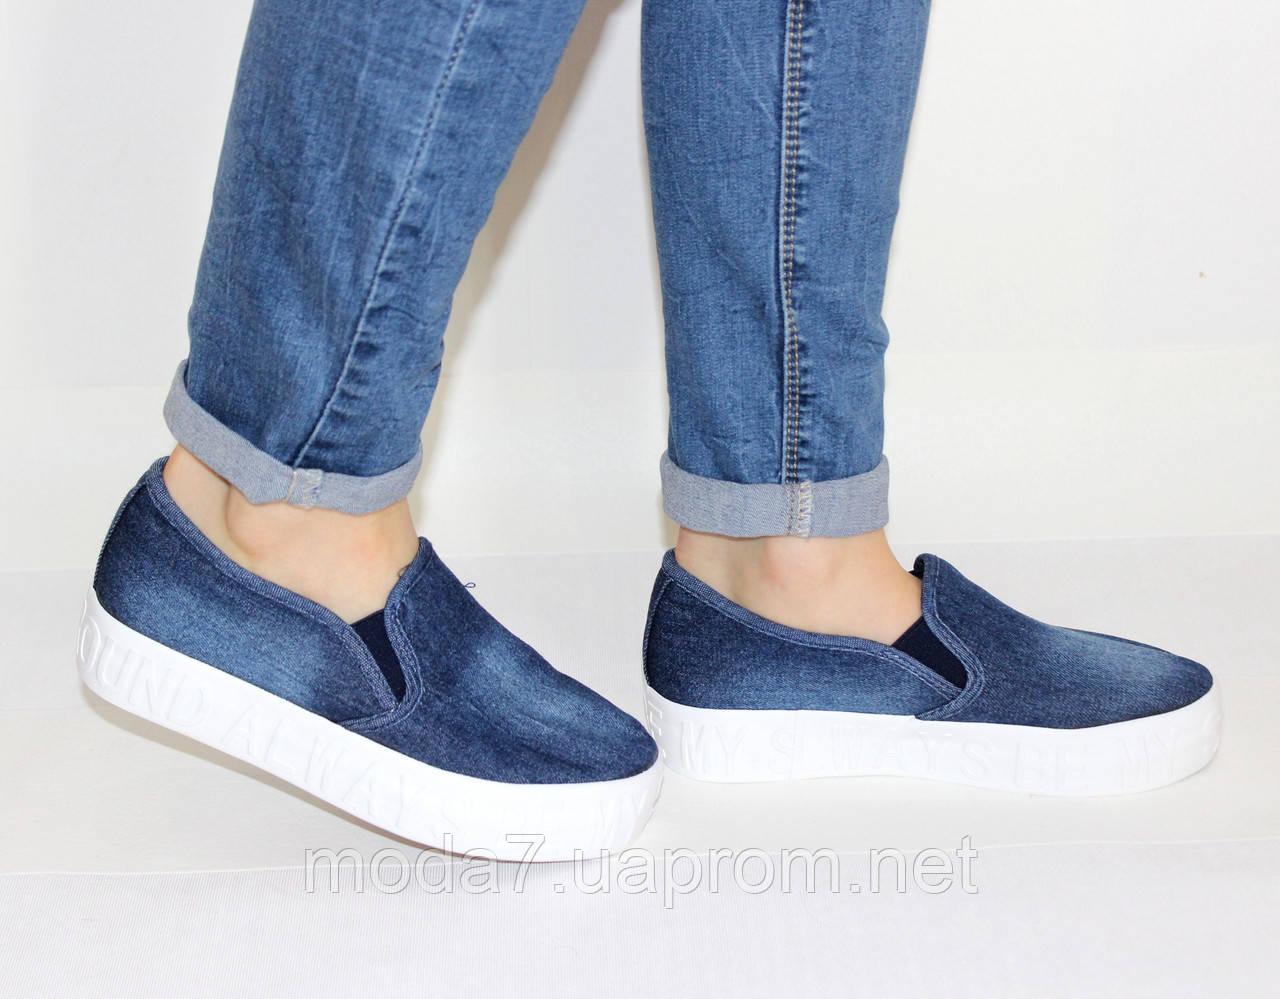 Женские слипоны на толстой подошве джинсовые синие 39р